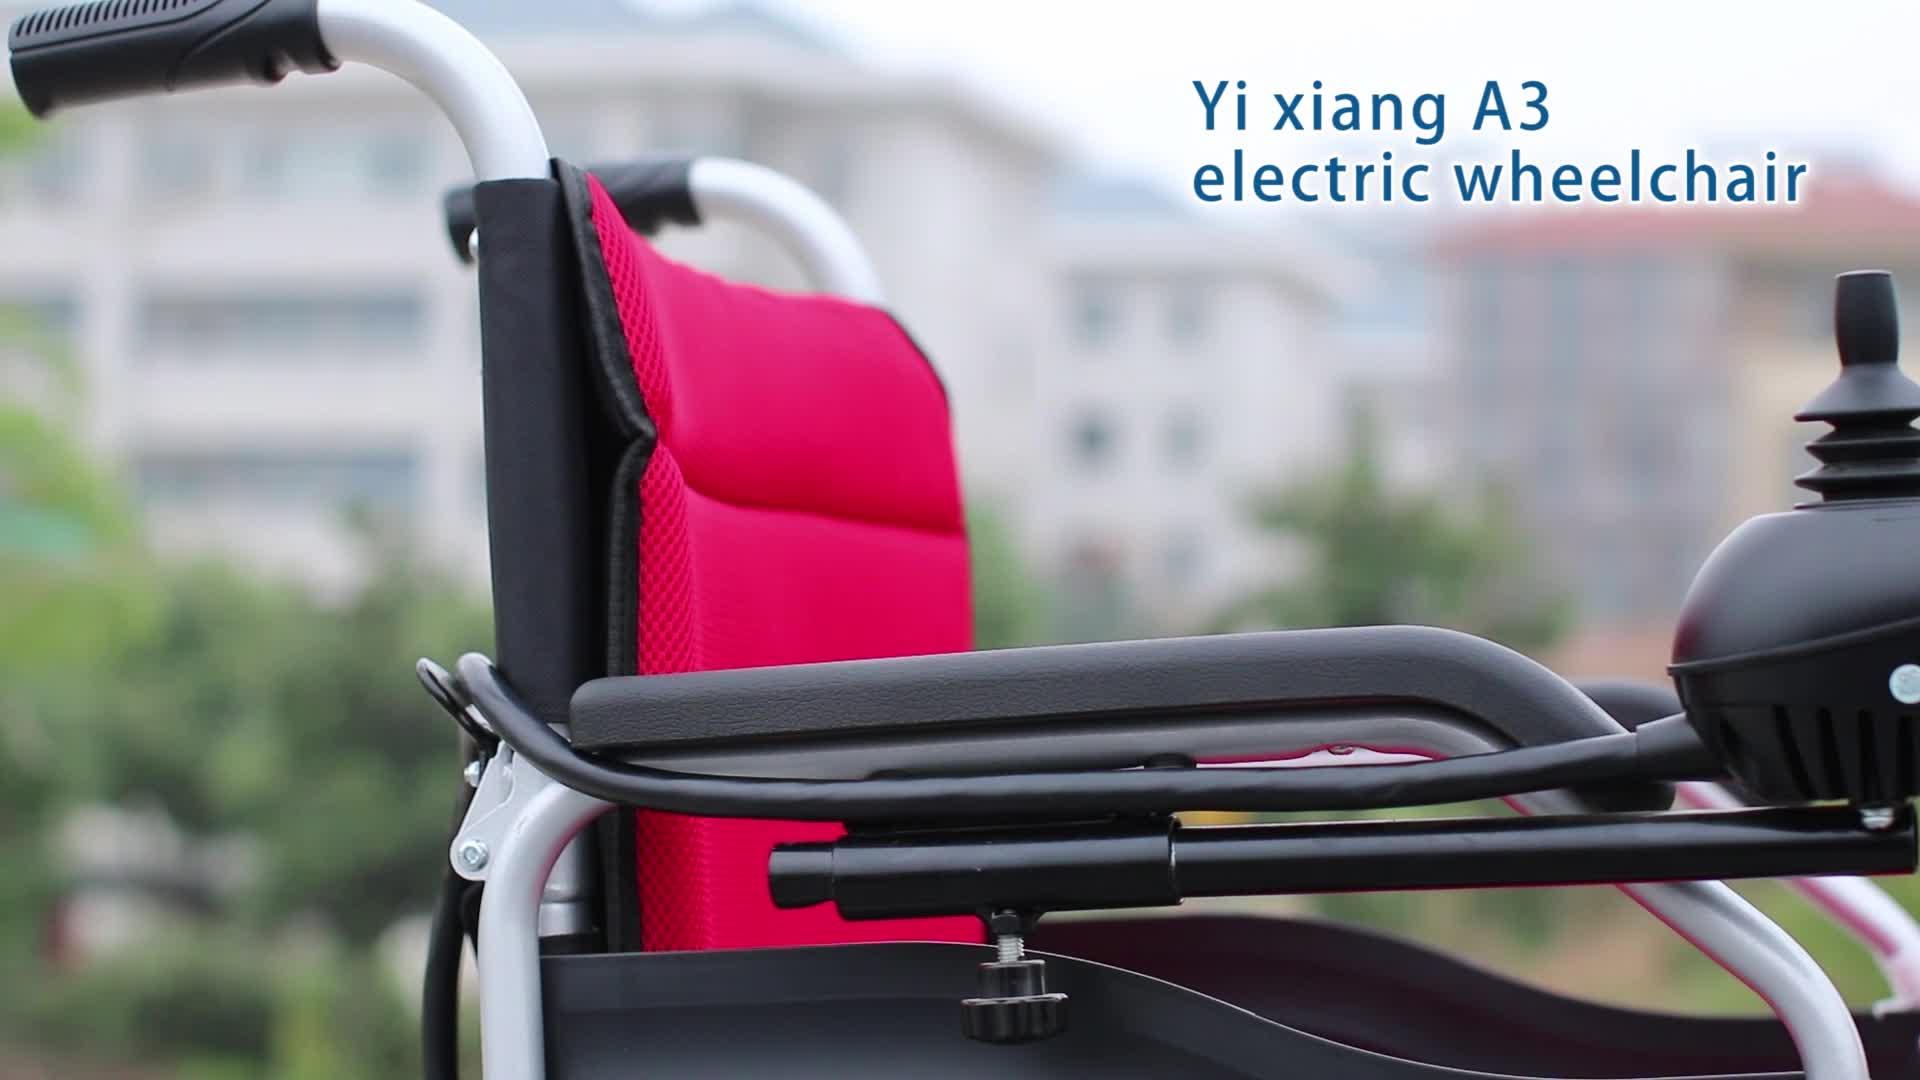 2016 Venta caliente plegable de silla de ruedas con controlador de motor y batería silla de ruedas eléctrica